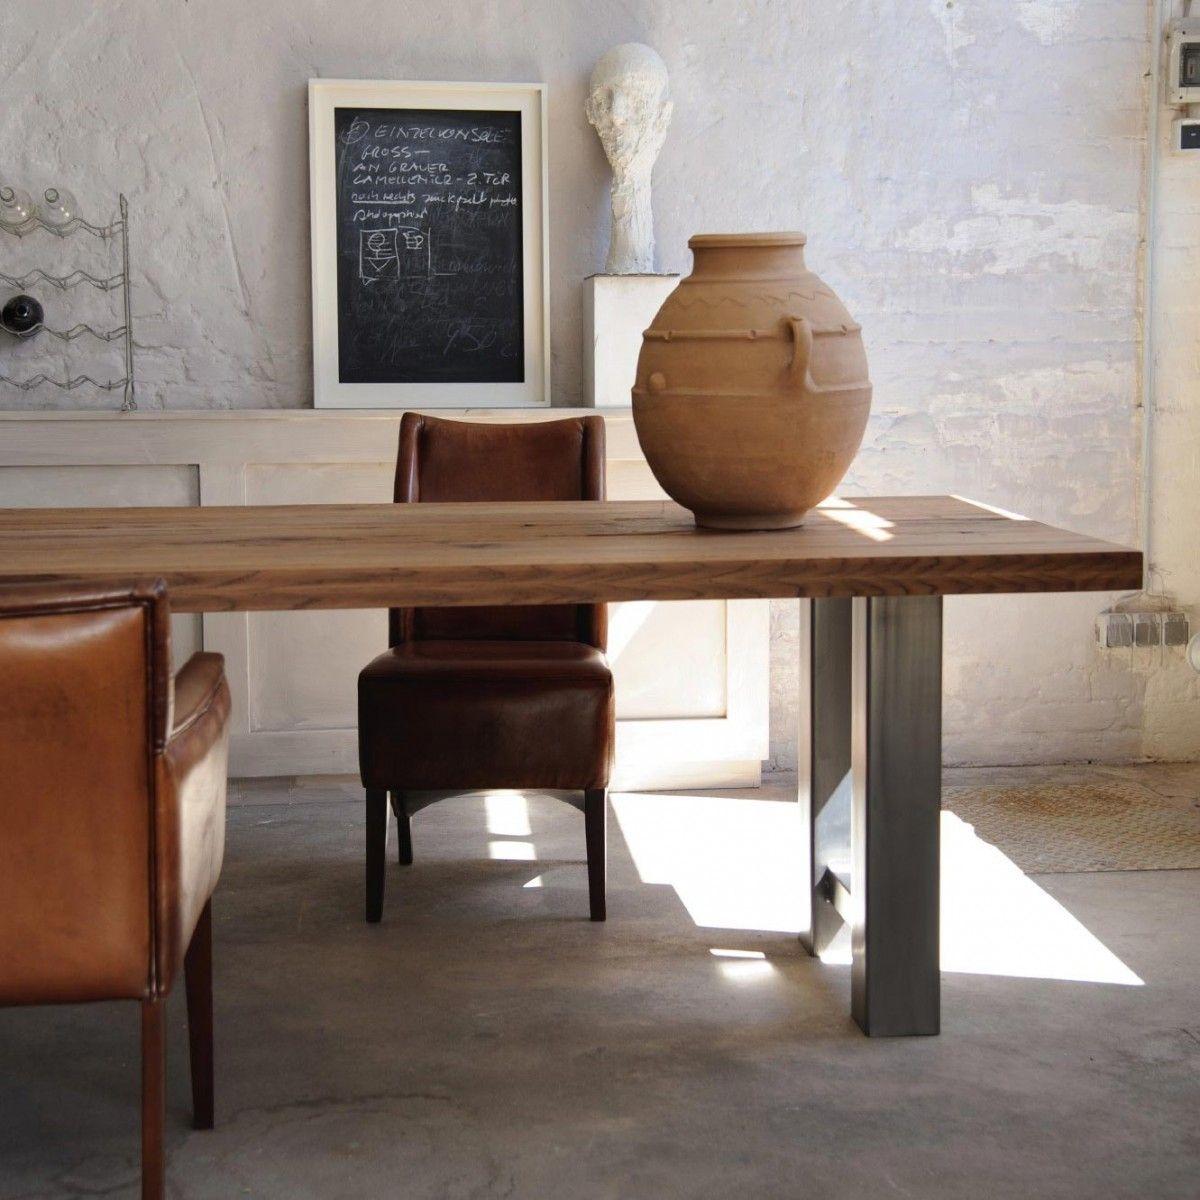 Tisch Romo Braun Silber L 180 Cm B 90 Cm H 78 Cm Tisch Dekor